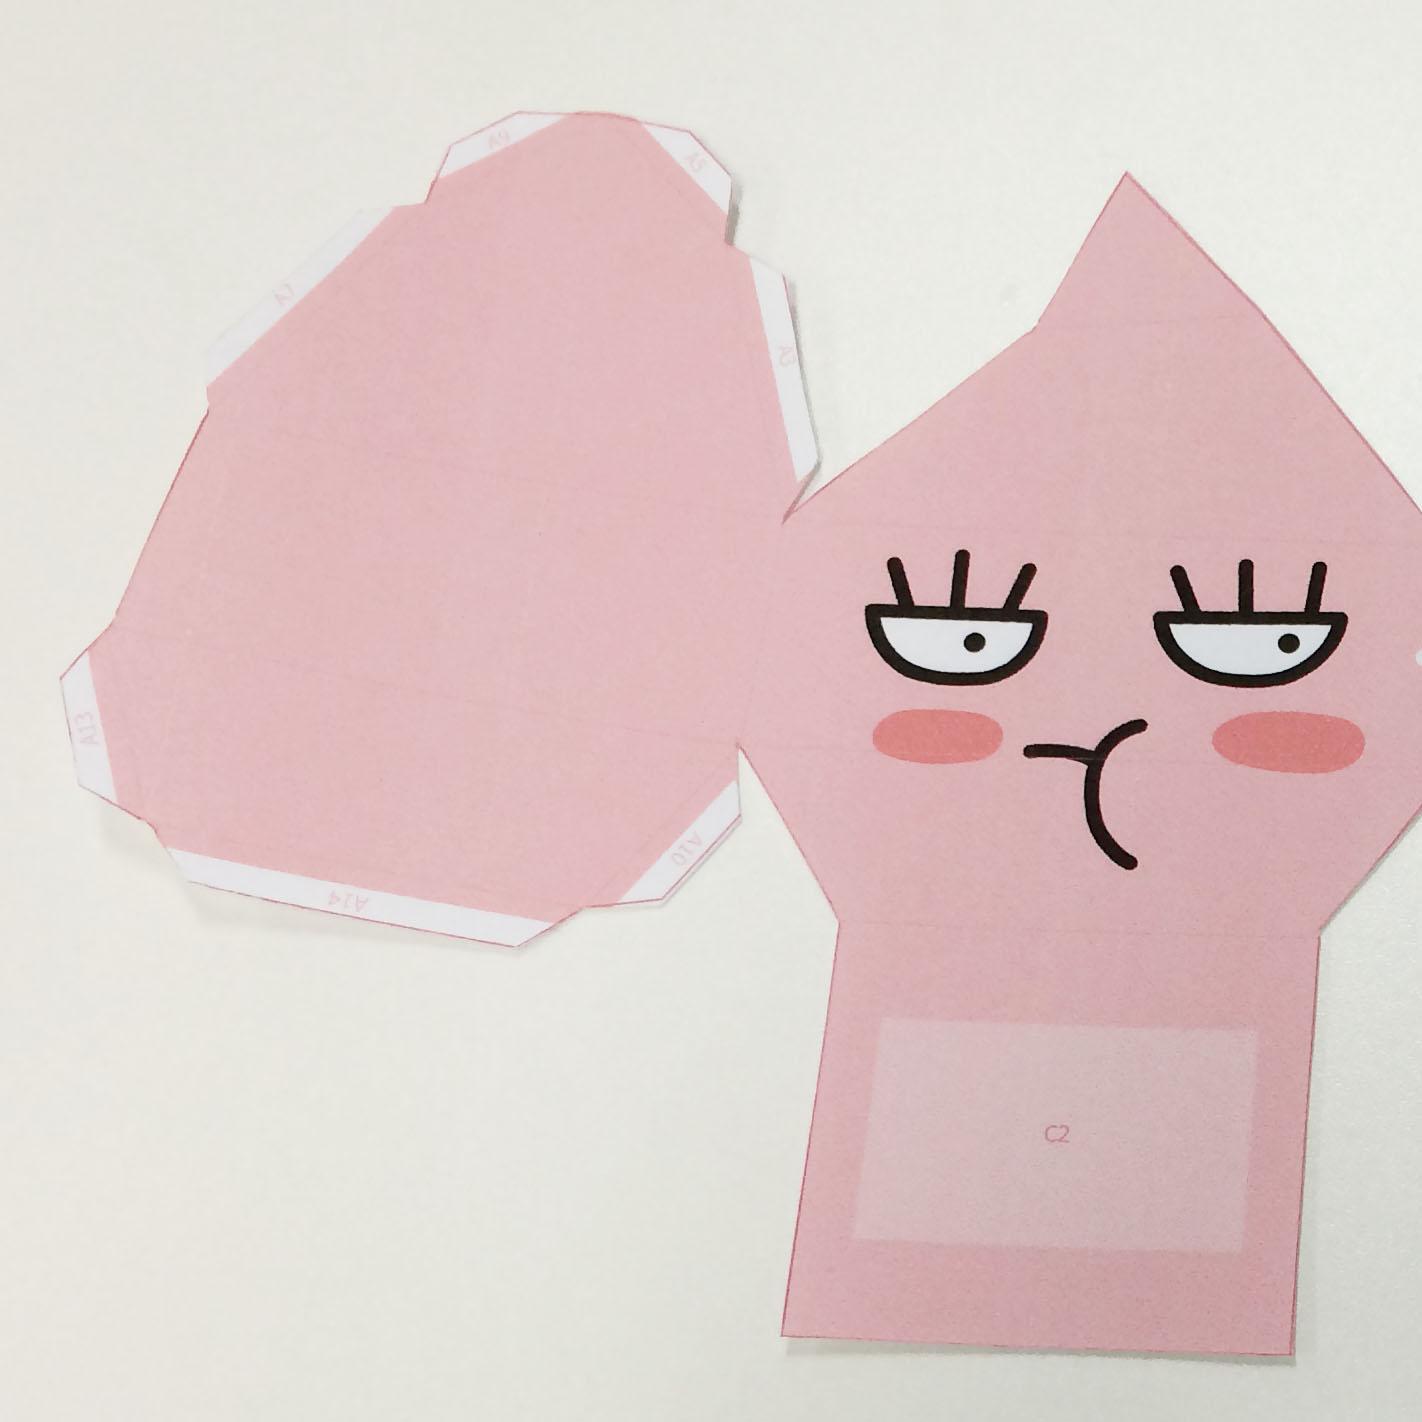 3. 在圖案的邊緣部分塗上膠水,找準位置粘貼好!